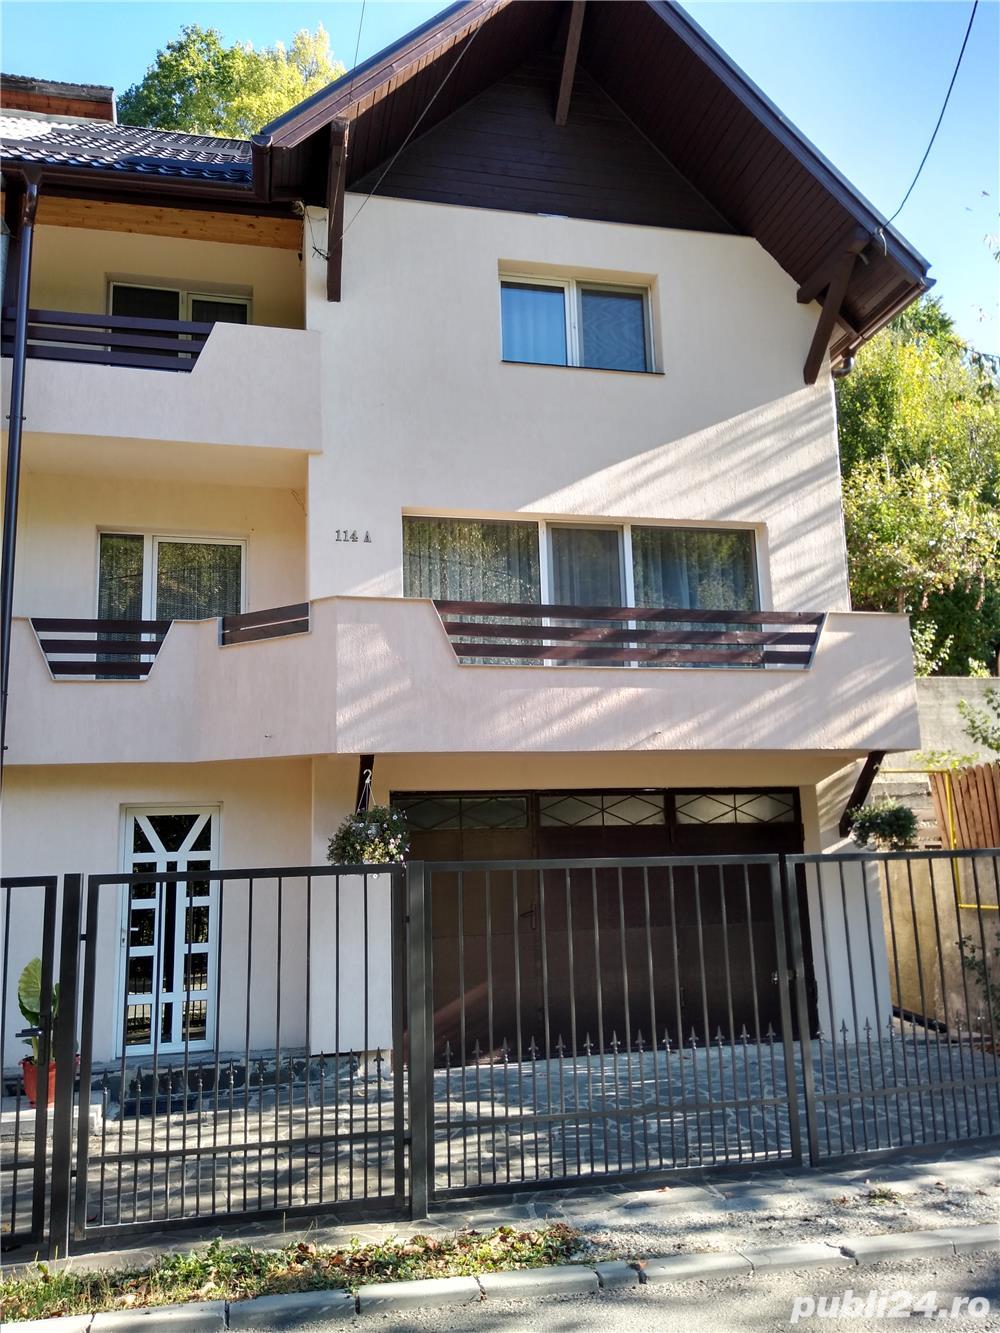 Casă de vânzare în duplex Baia Mare sau schimb cu apartament cu 3-2 camere+diferența.